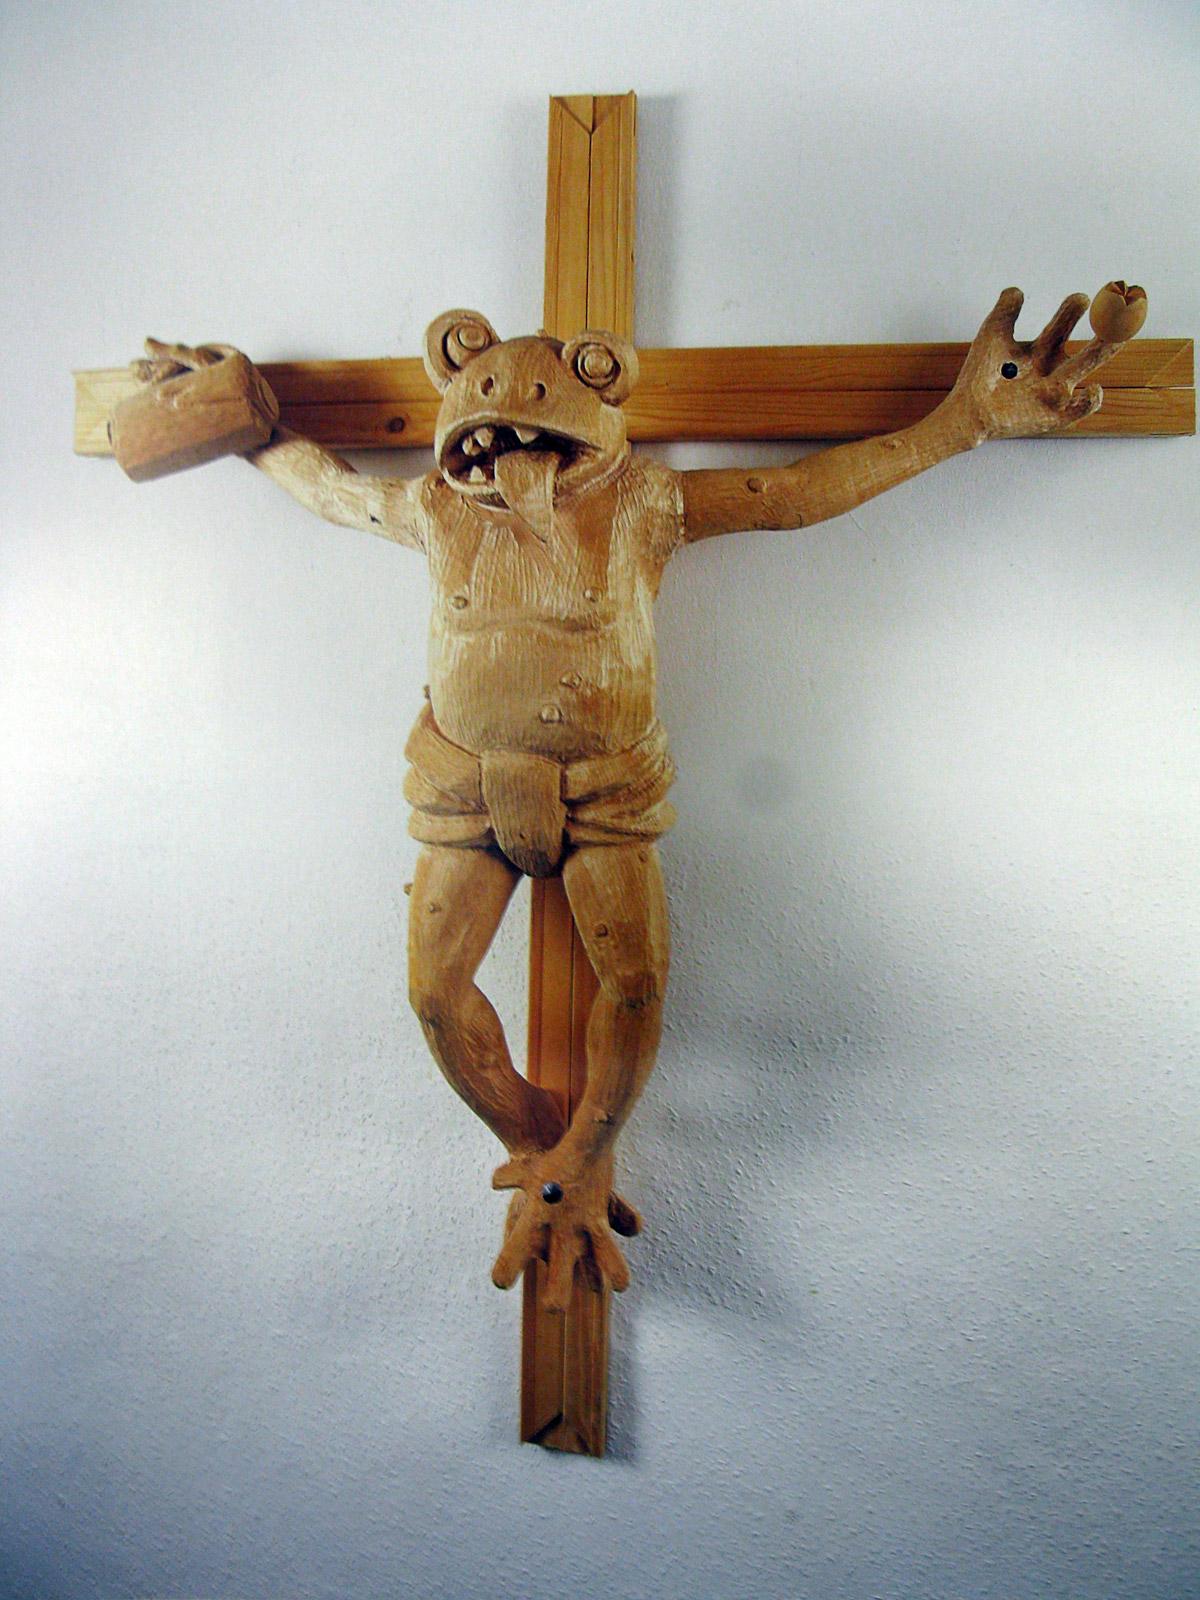 Martin Kippenberger, Was ist der Unterschied zwischen Casanova und Jesus: Der Gesichstausdruck beim Nageln, 1990. Holzskulptur.